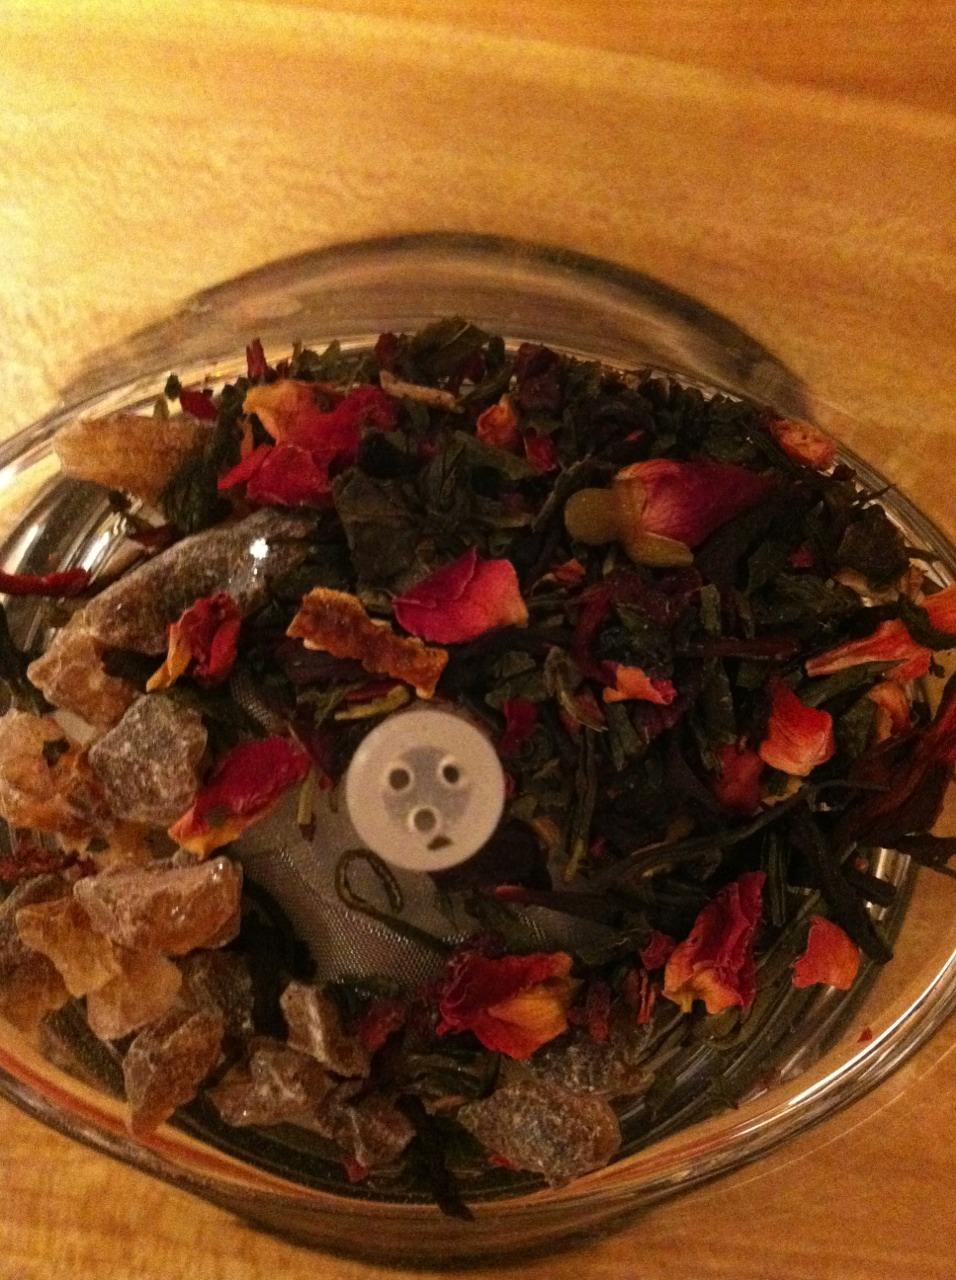 le thé fait voyager en image 35